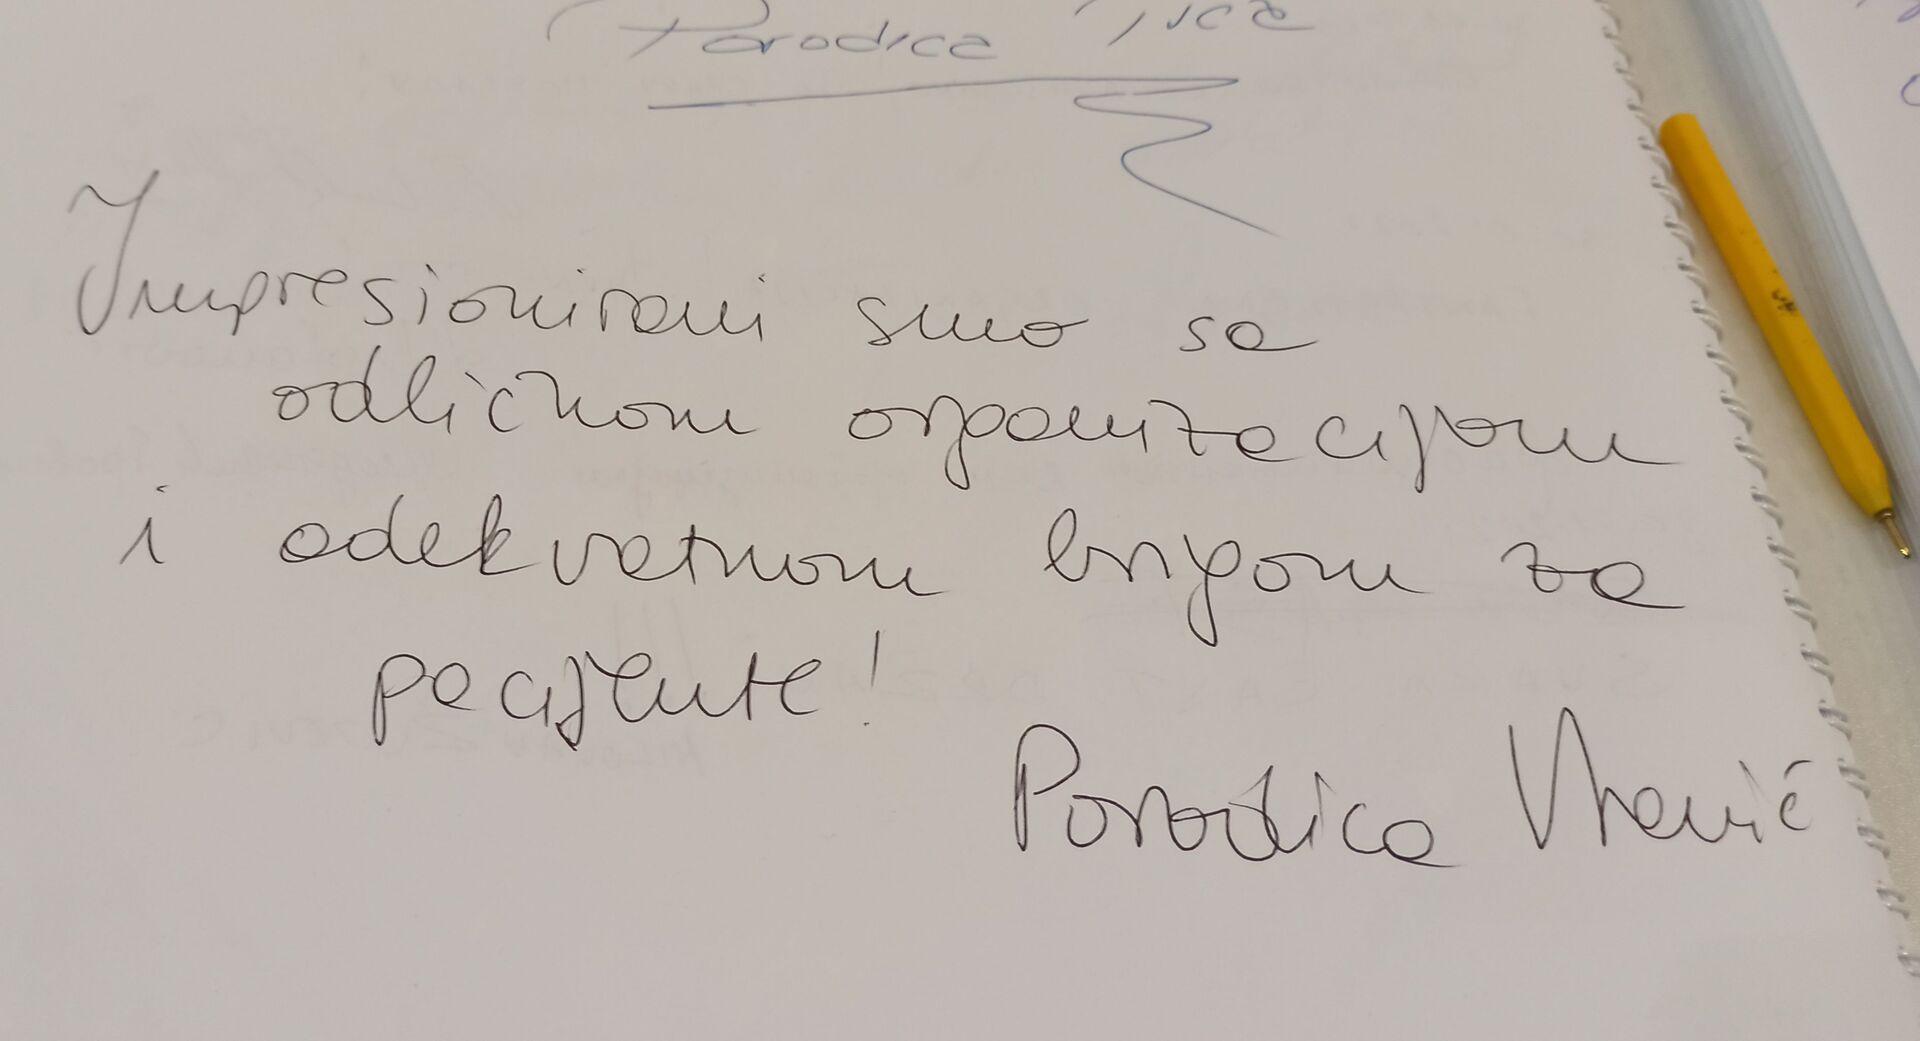 Браво, живела Србија! На Сајму се не добија само вакцина /фото/ - Sputnik Србија, 1920, 02.02.2021